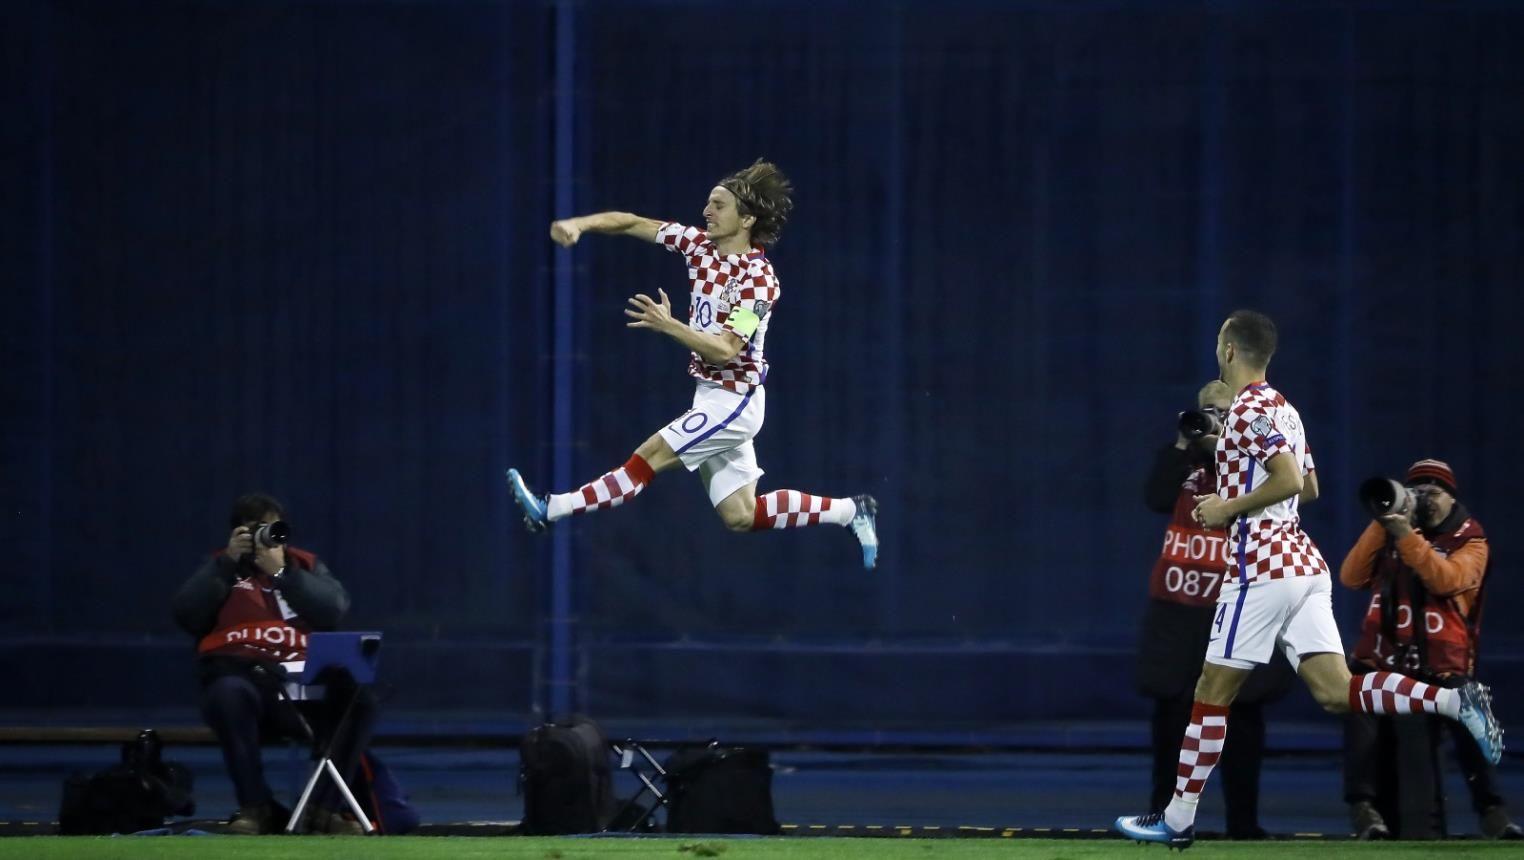 كرواتيا وسويسرا قاب قوسين من مونديال روسيا - صحيفة الجامعة